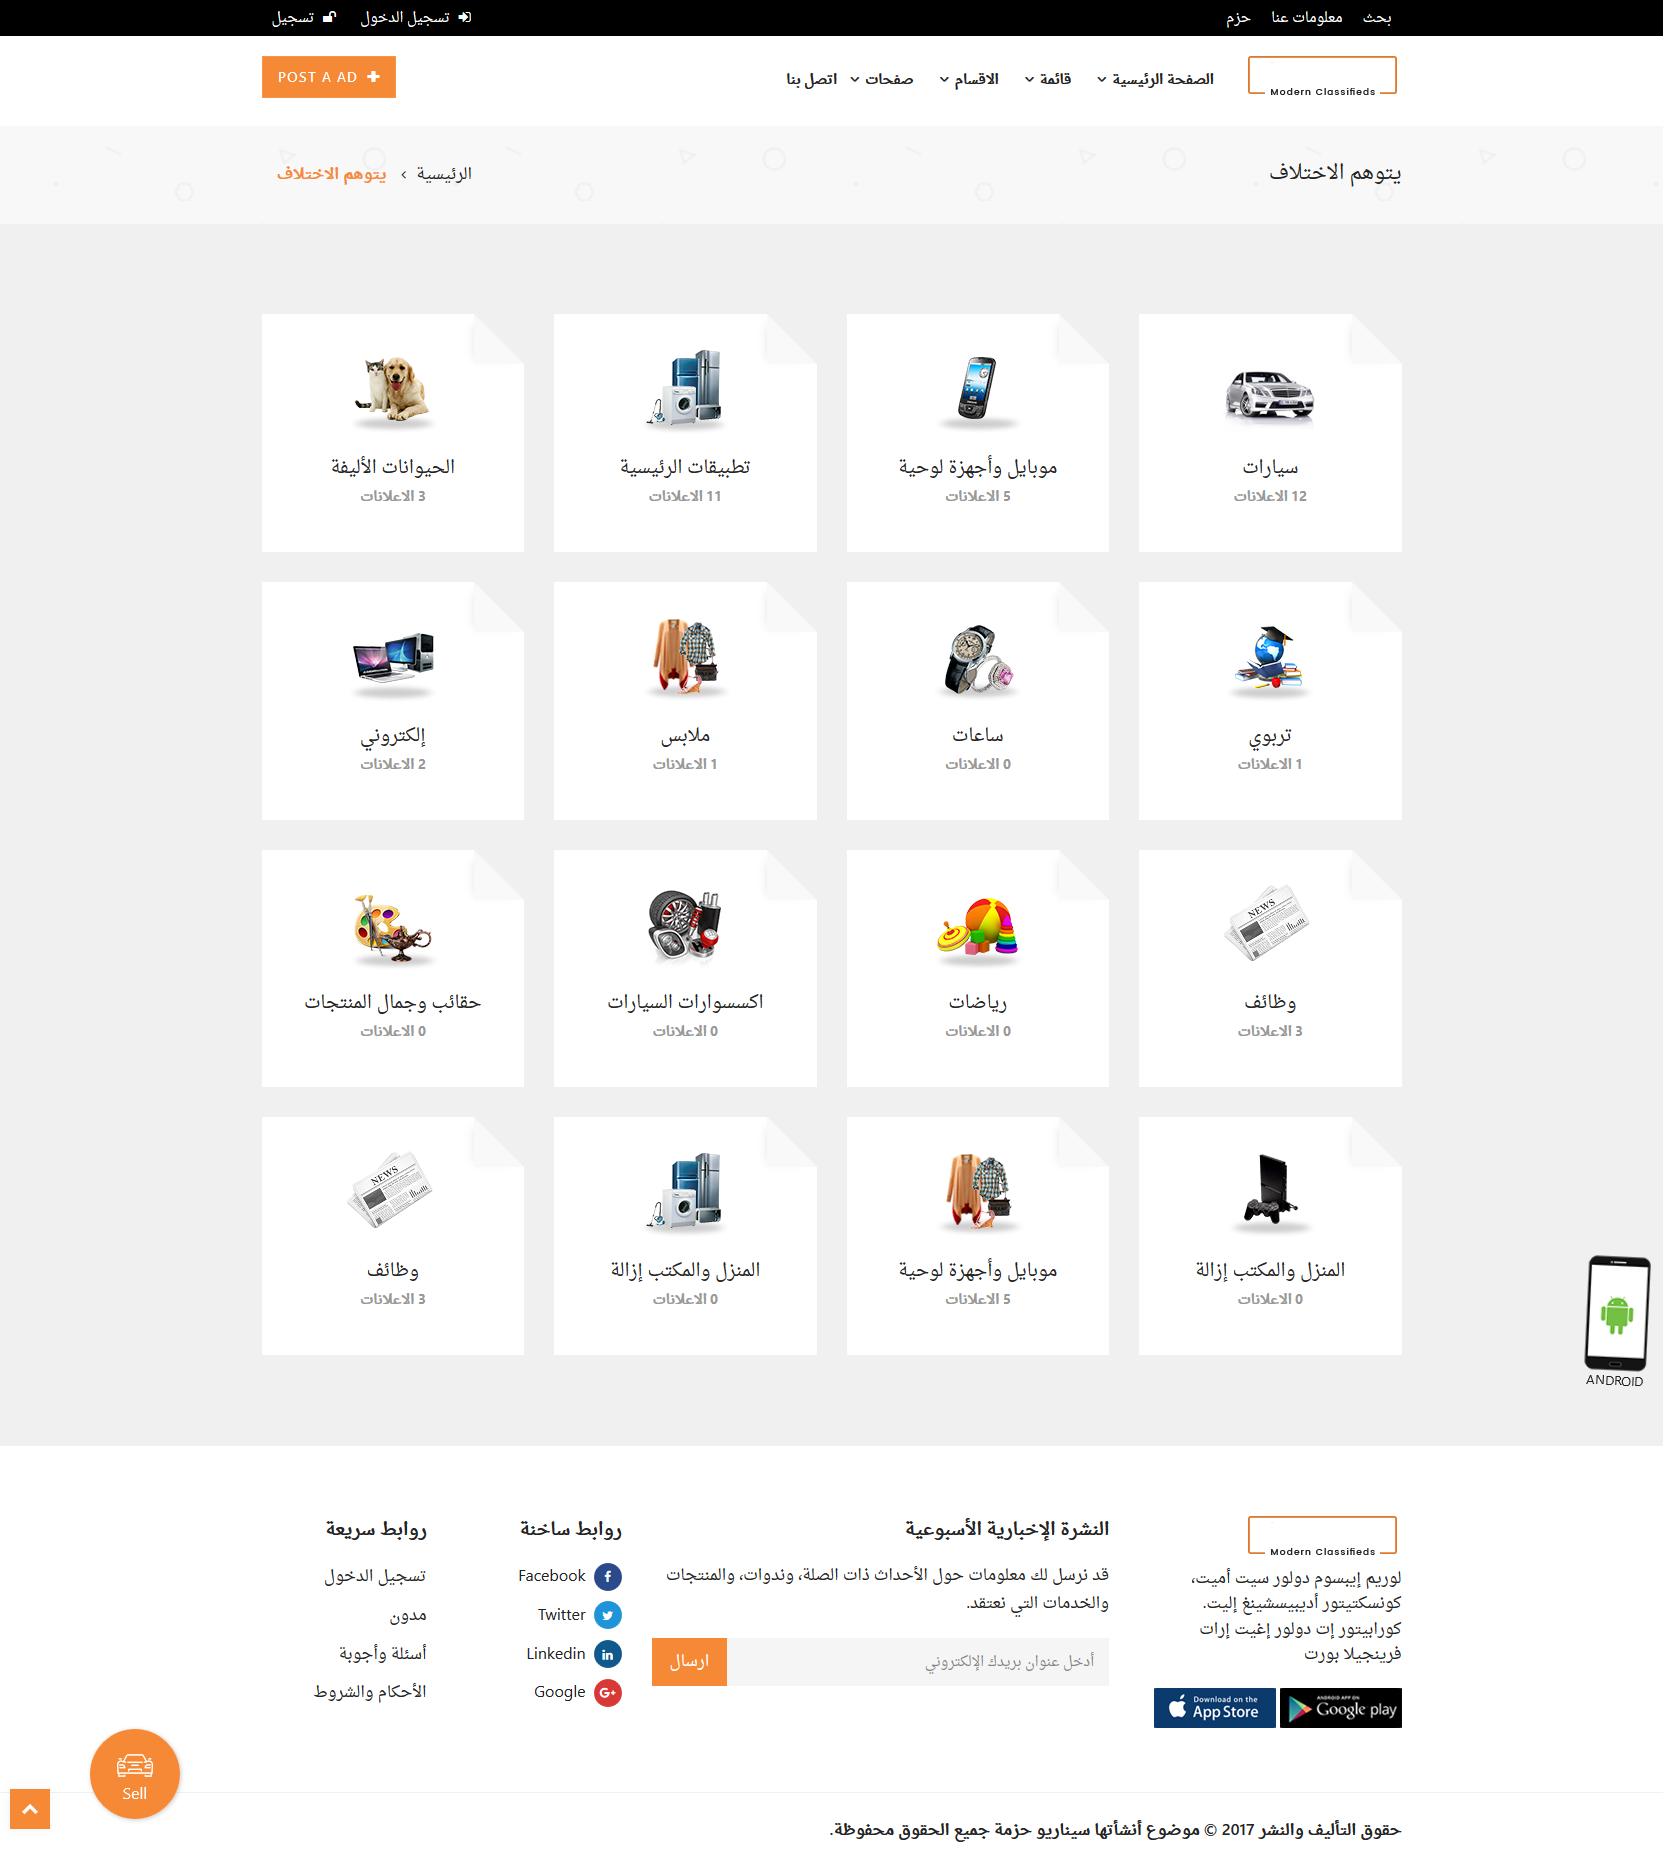 تصميم برنامج موقع سوق تسوق تسويق اعلانات مبوبة - صفحة تصنيفات أقسام الموقع فئة صور ملونة